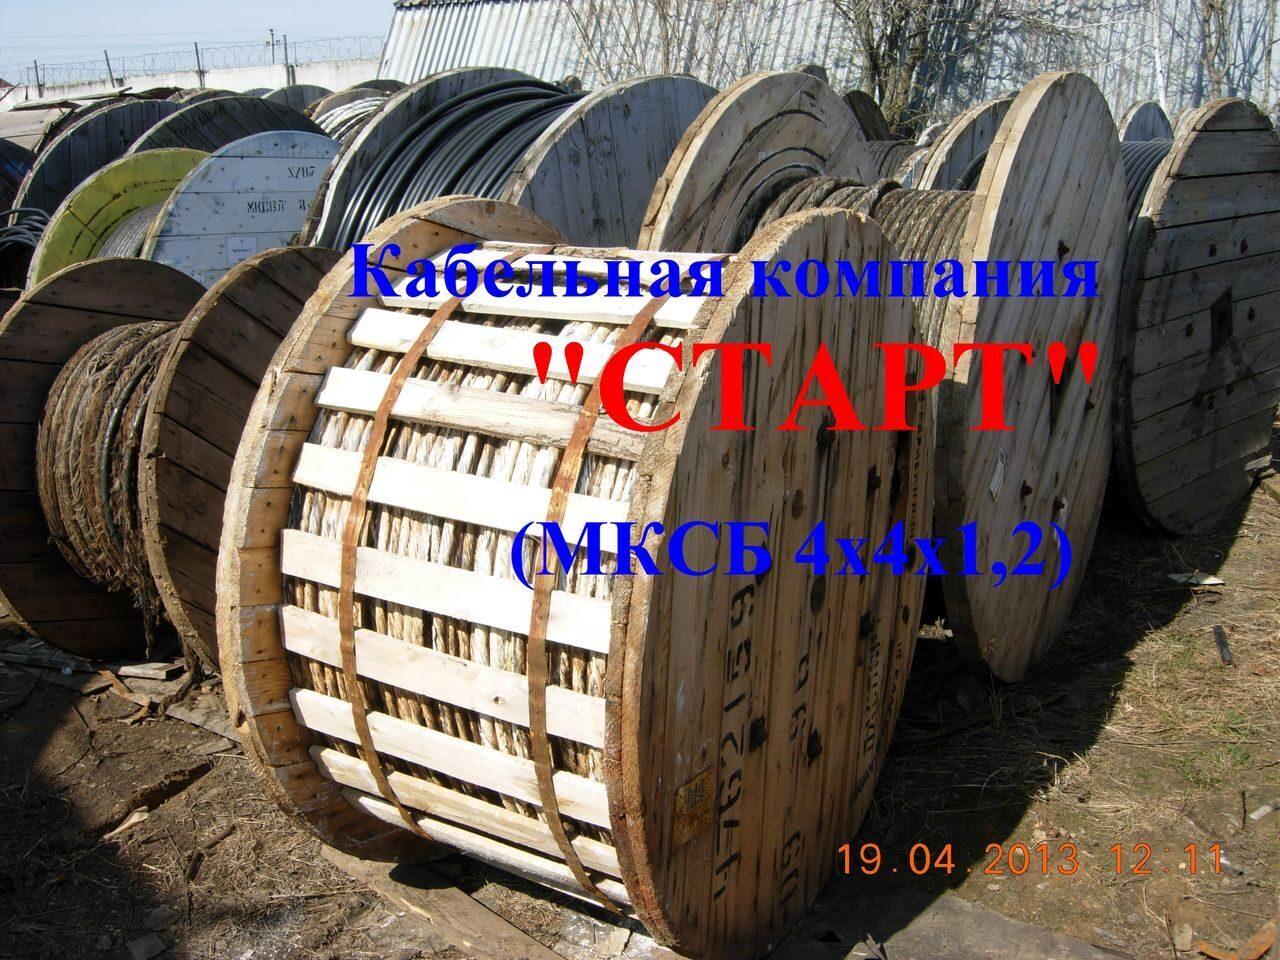 hillbilly cable company